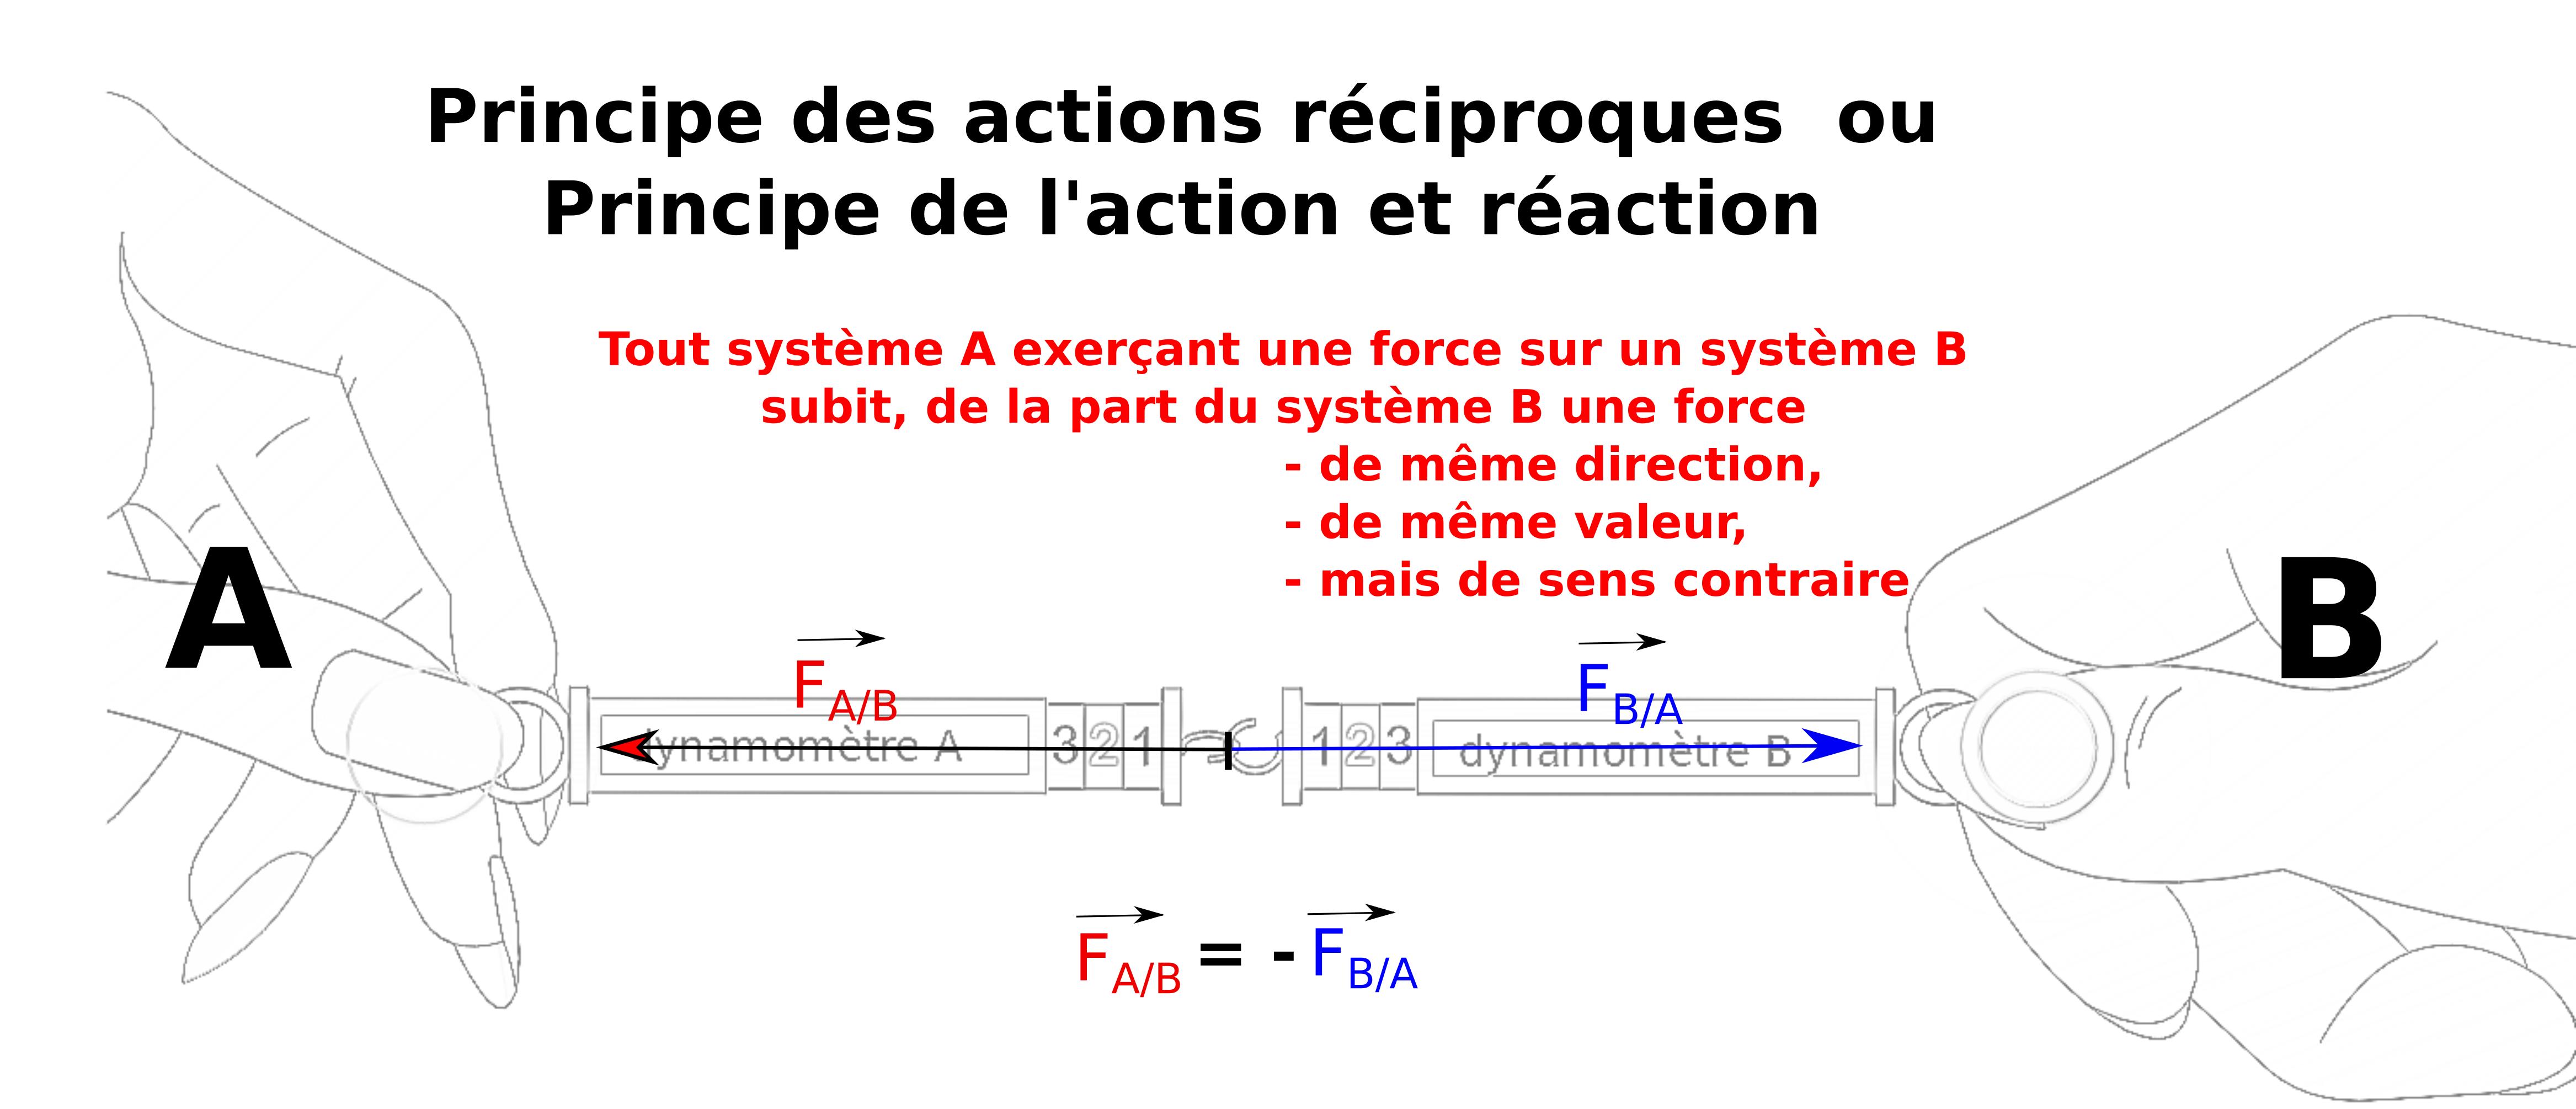 ActionsReciproquesComplet.png